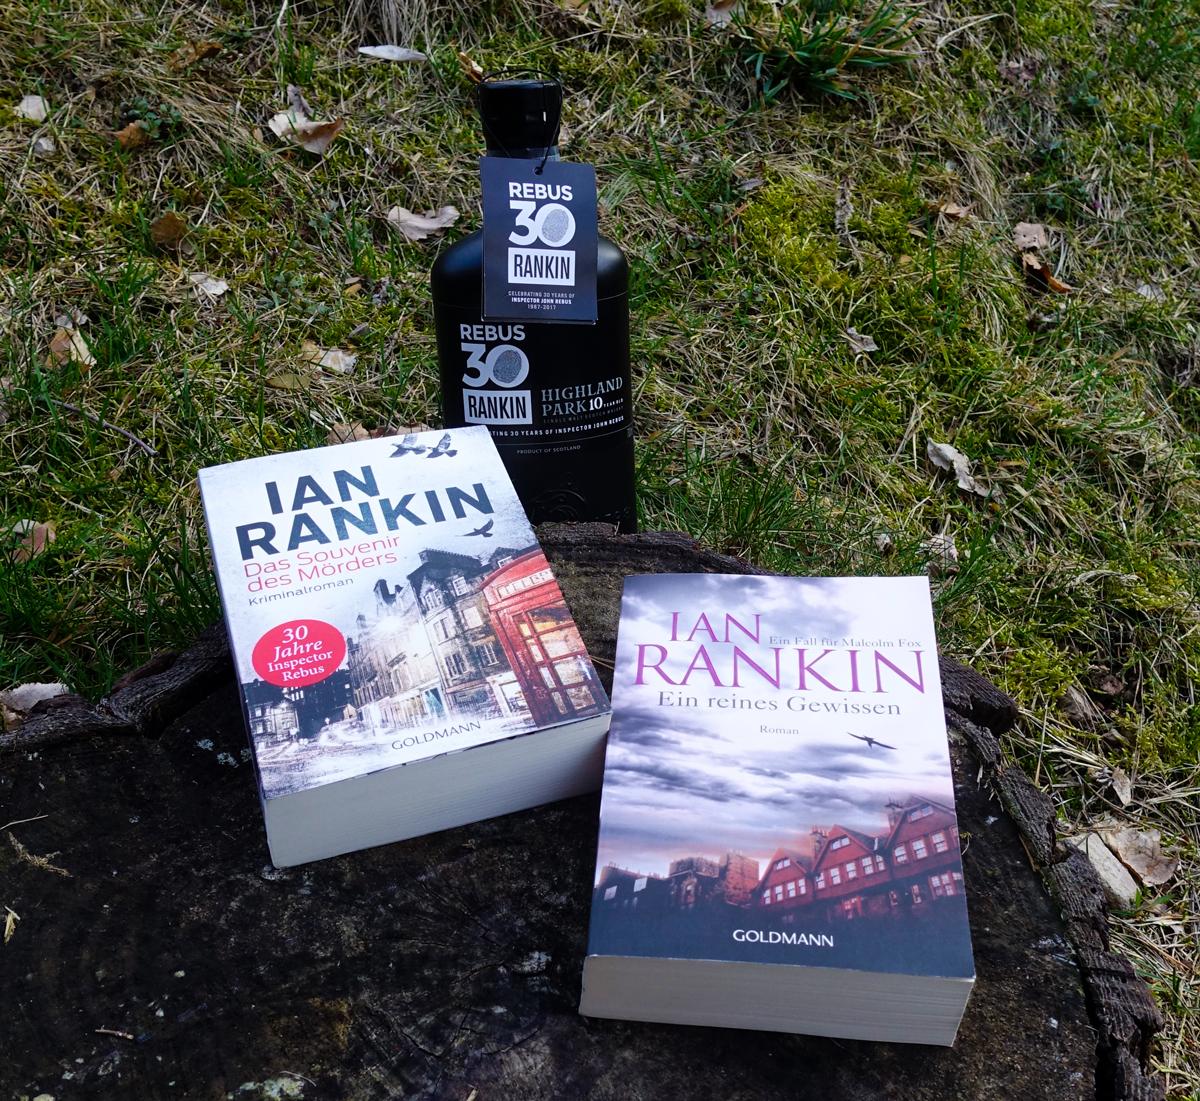 Die Krimis von Ian Rankin mit Inspector Rebus in der Hauptrolle: Ein Whisky ist immer dabei